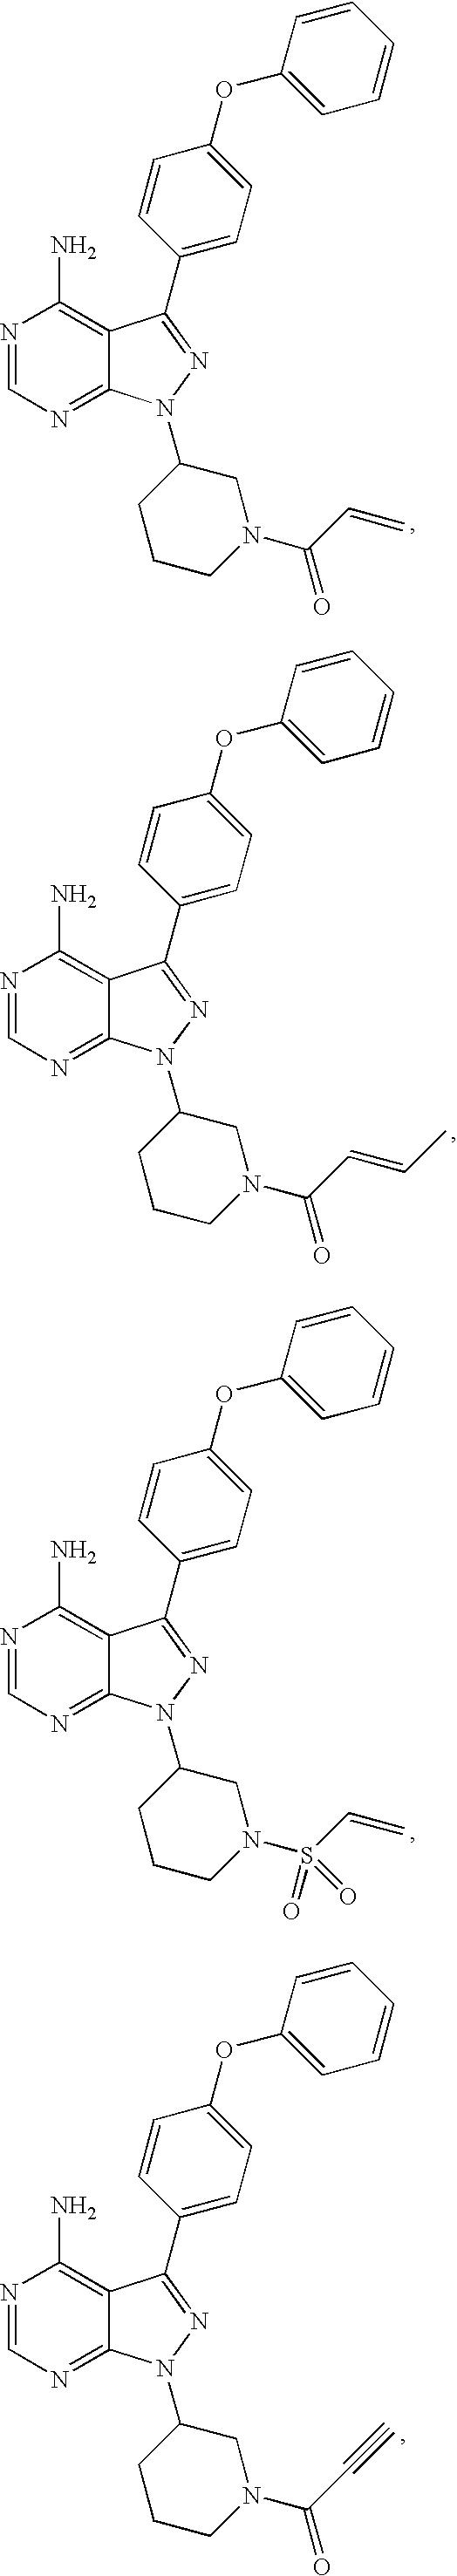 Figure US07514444-20090407-C00029